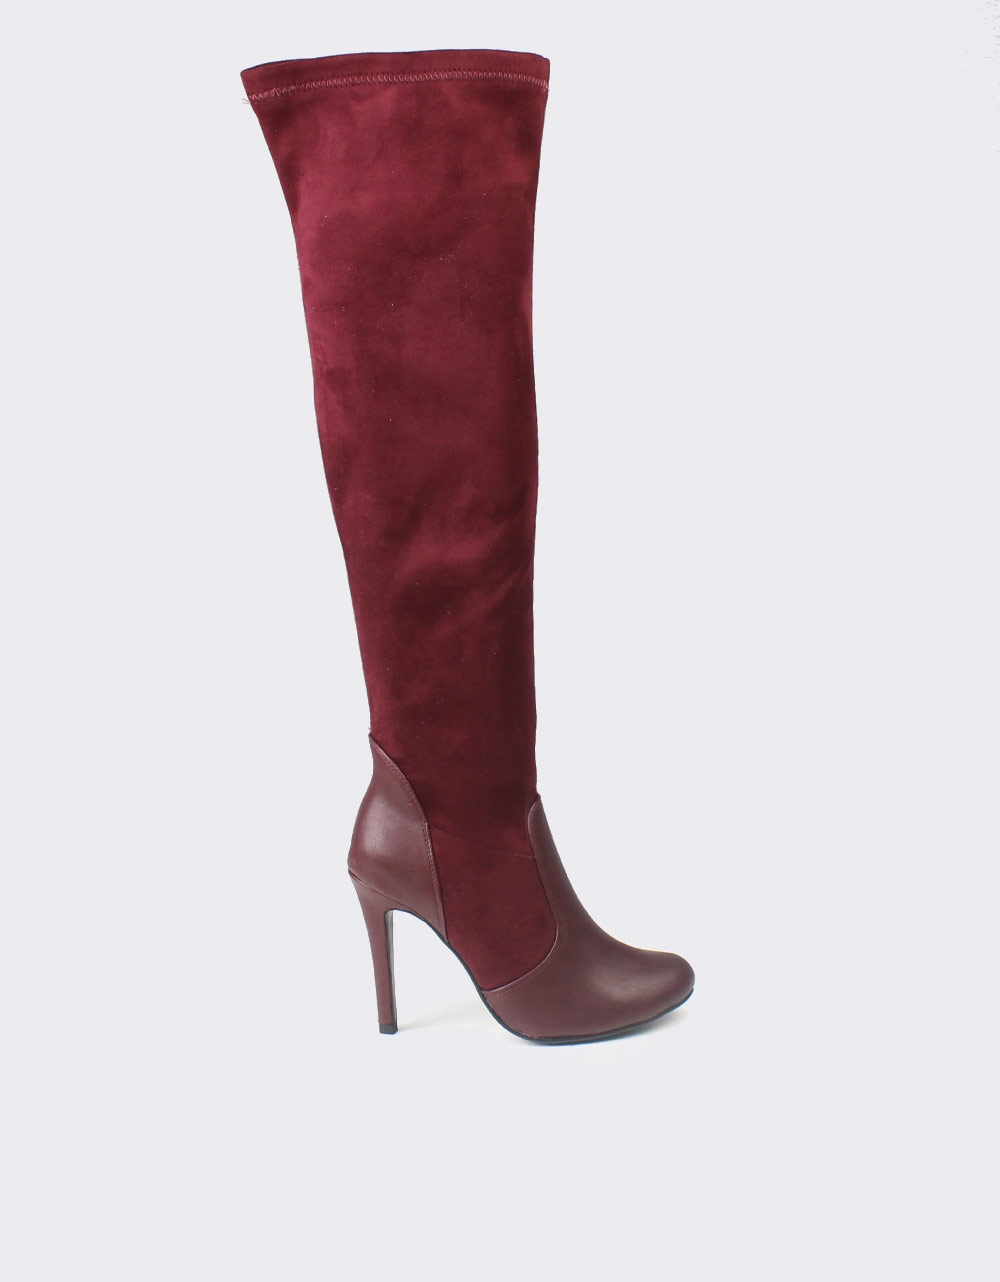 Εικόνα από Γυναικείες μπότες με λεπτομέρειες από δερματίνη Μπορντώ